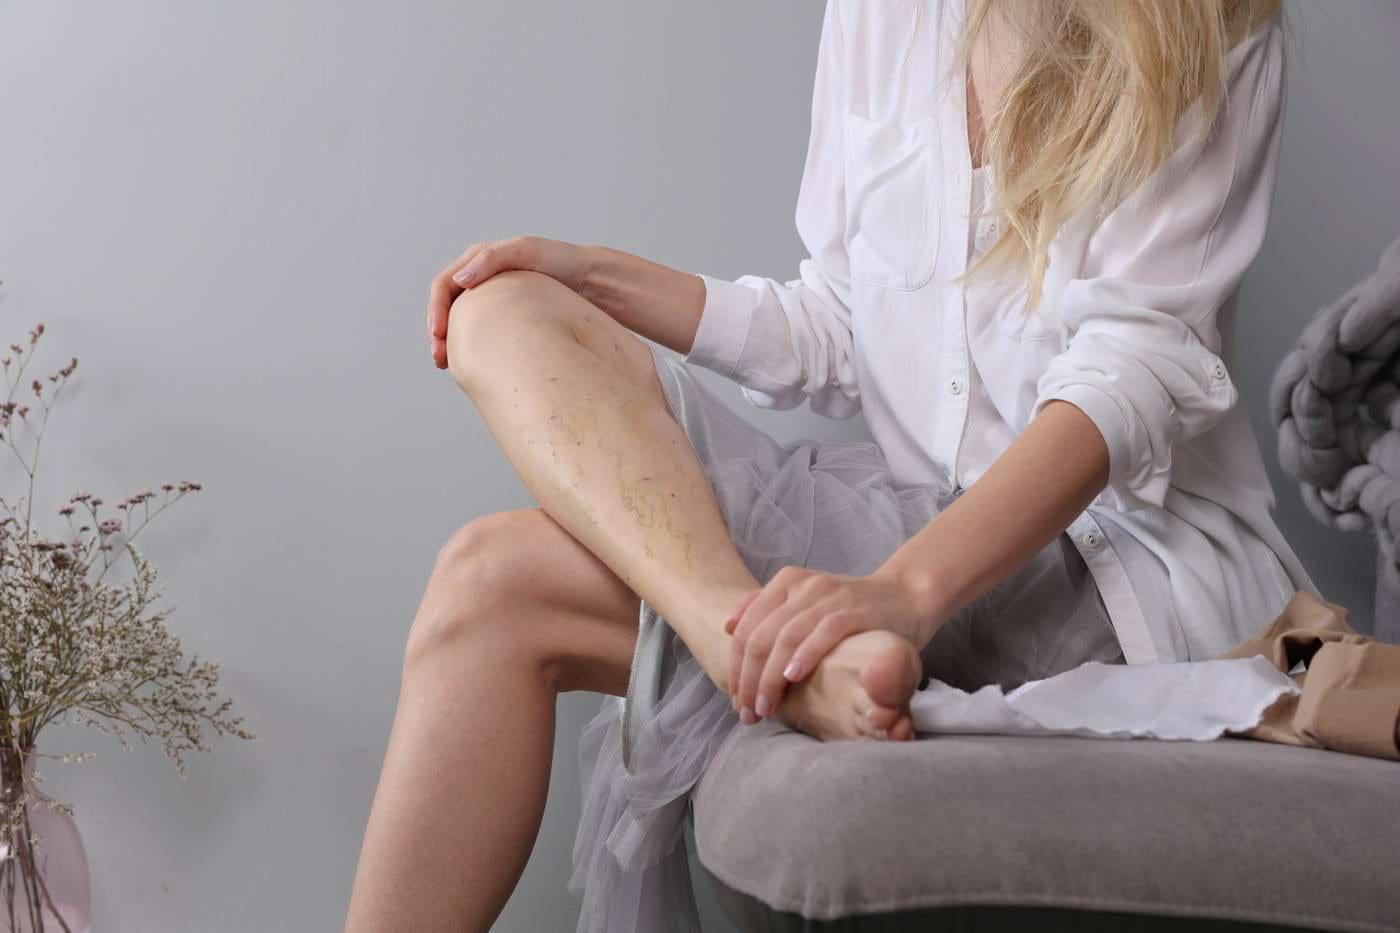 Varicoză picior doare după operație, Varicoză pe picioarele fetelor cauzează